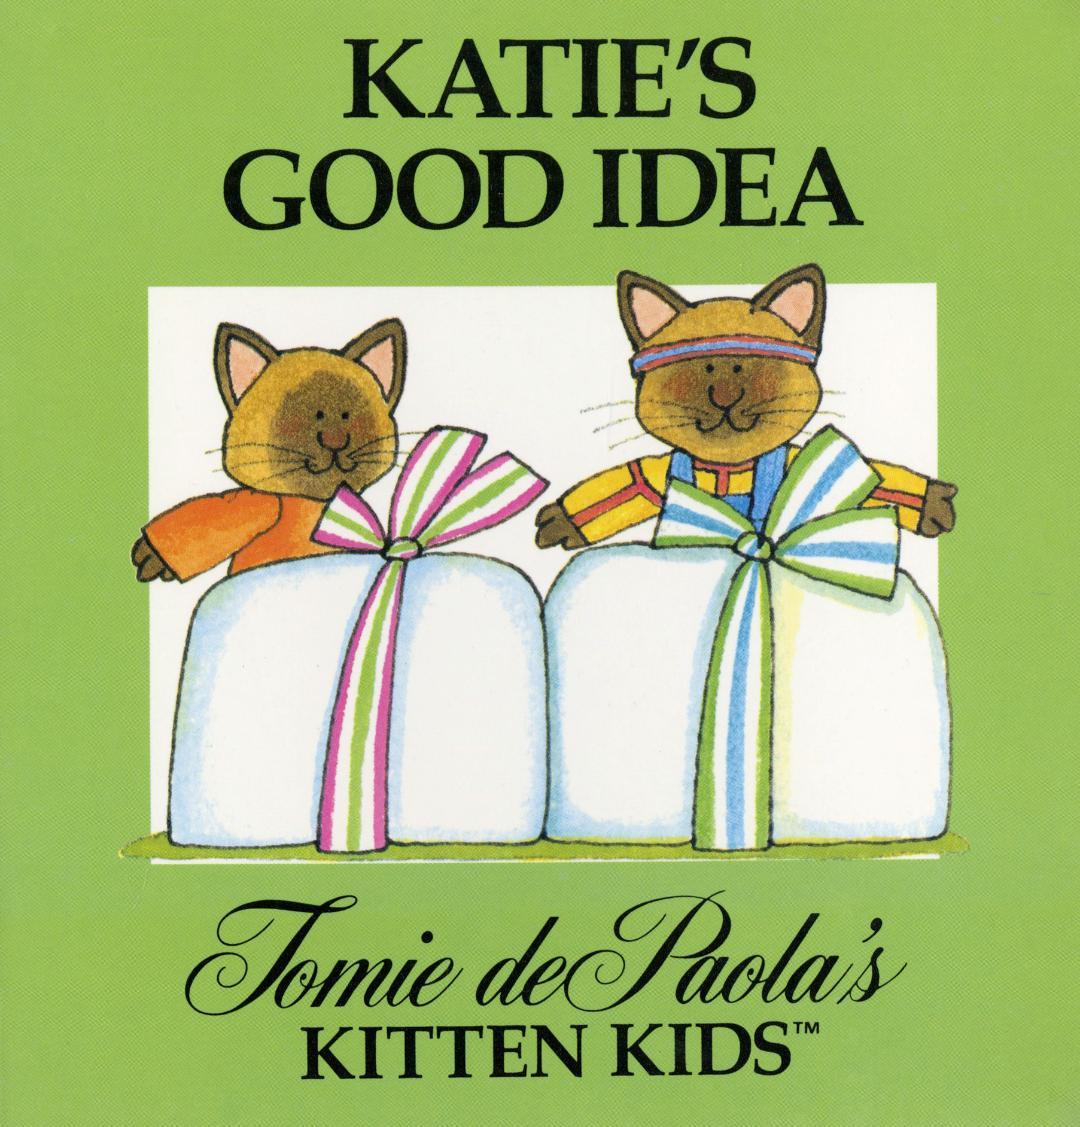 Katie's Good Idea.jpg